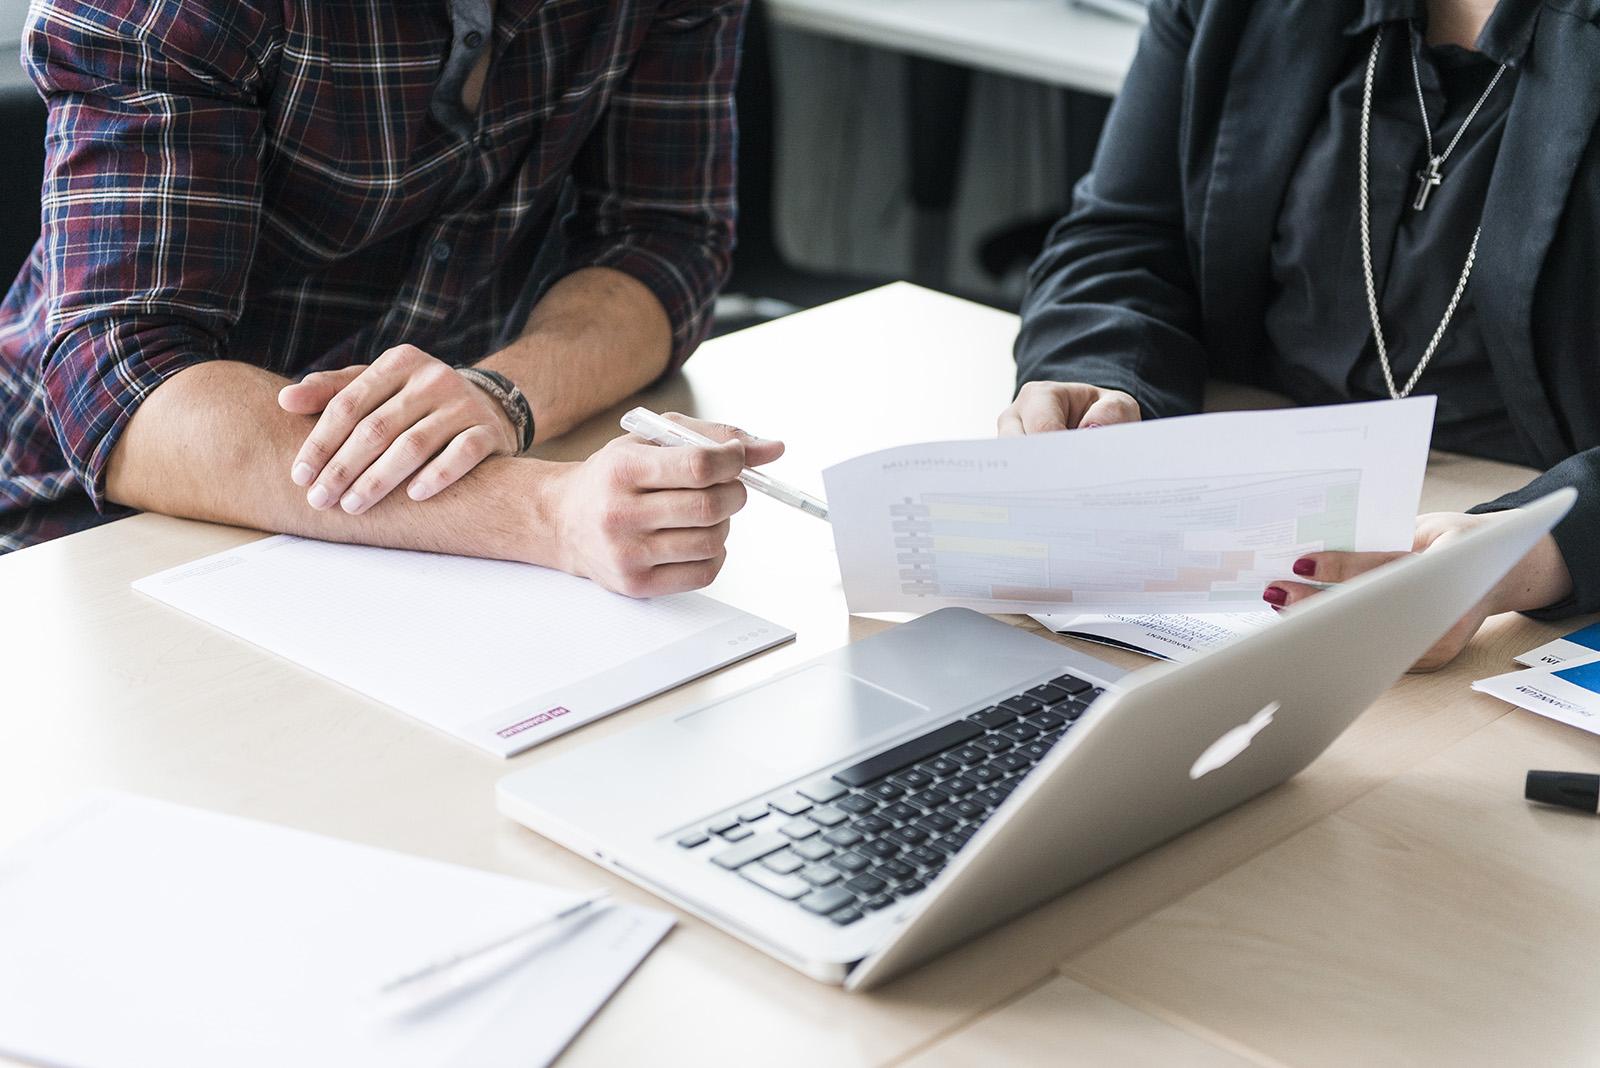 FH Studenten bei der Arbeit Detailansicht Schreibtisch mit Laptop